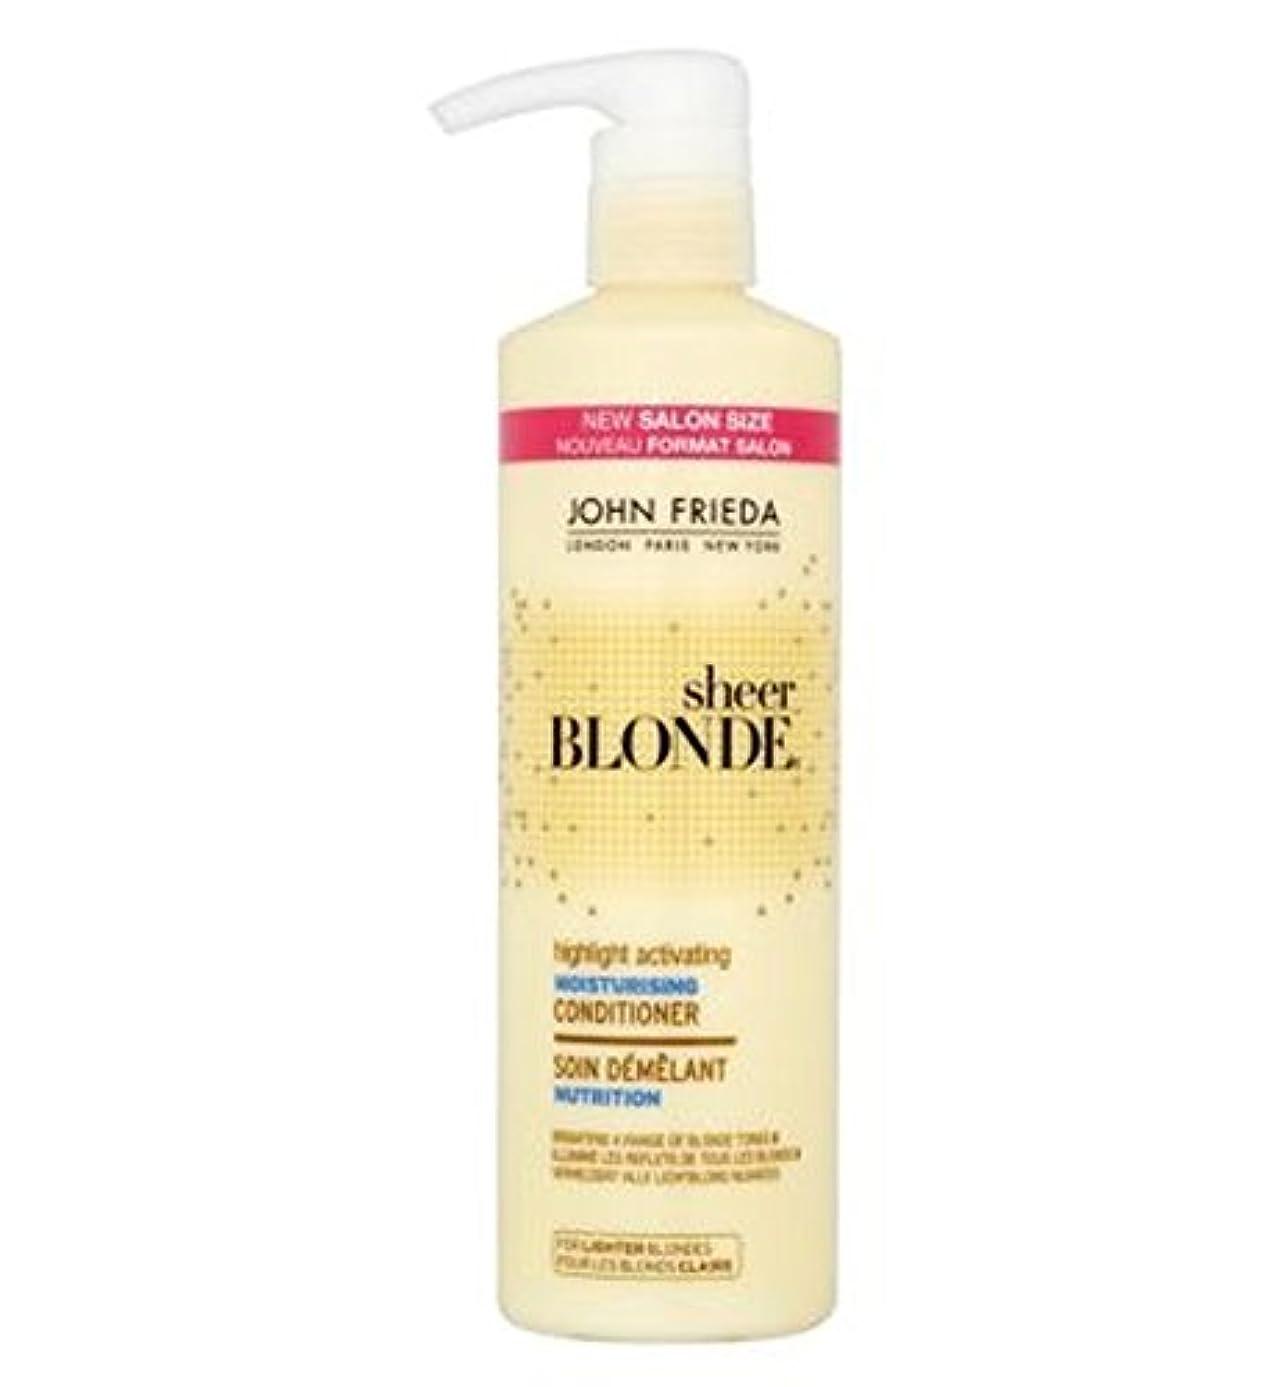 ファブリックきらきら毒性John Frieda Sheer Blonde Highlight Activating Moisturising Conditioner 500ml - ジョン?フリーダ薄手のブロンドのハイライト活性化保湿コンディショナー...